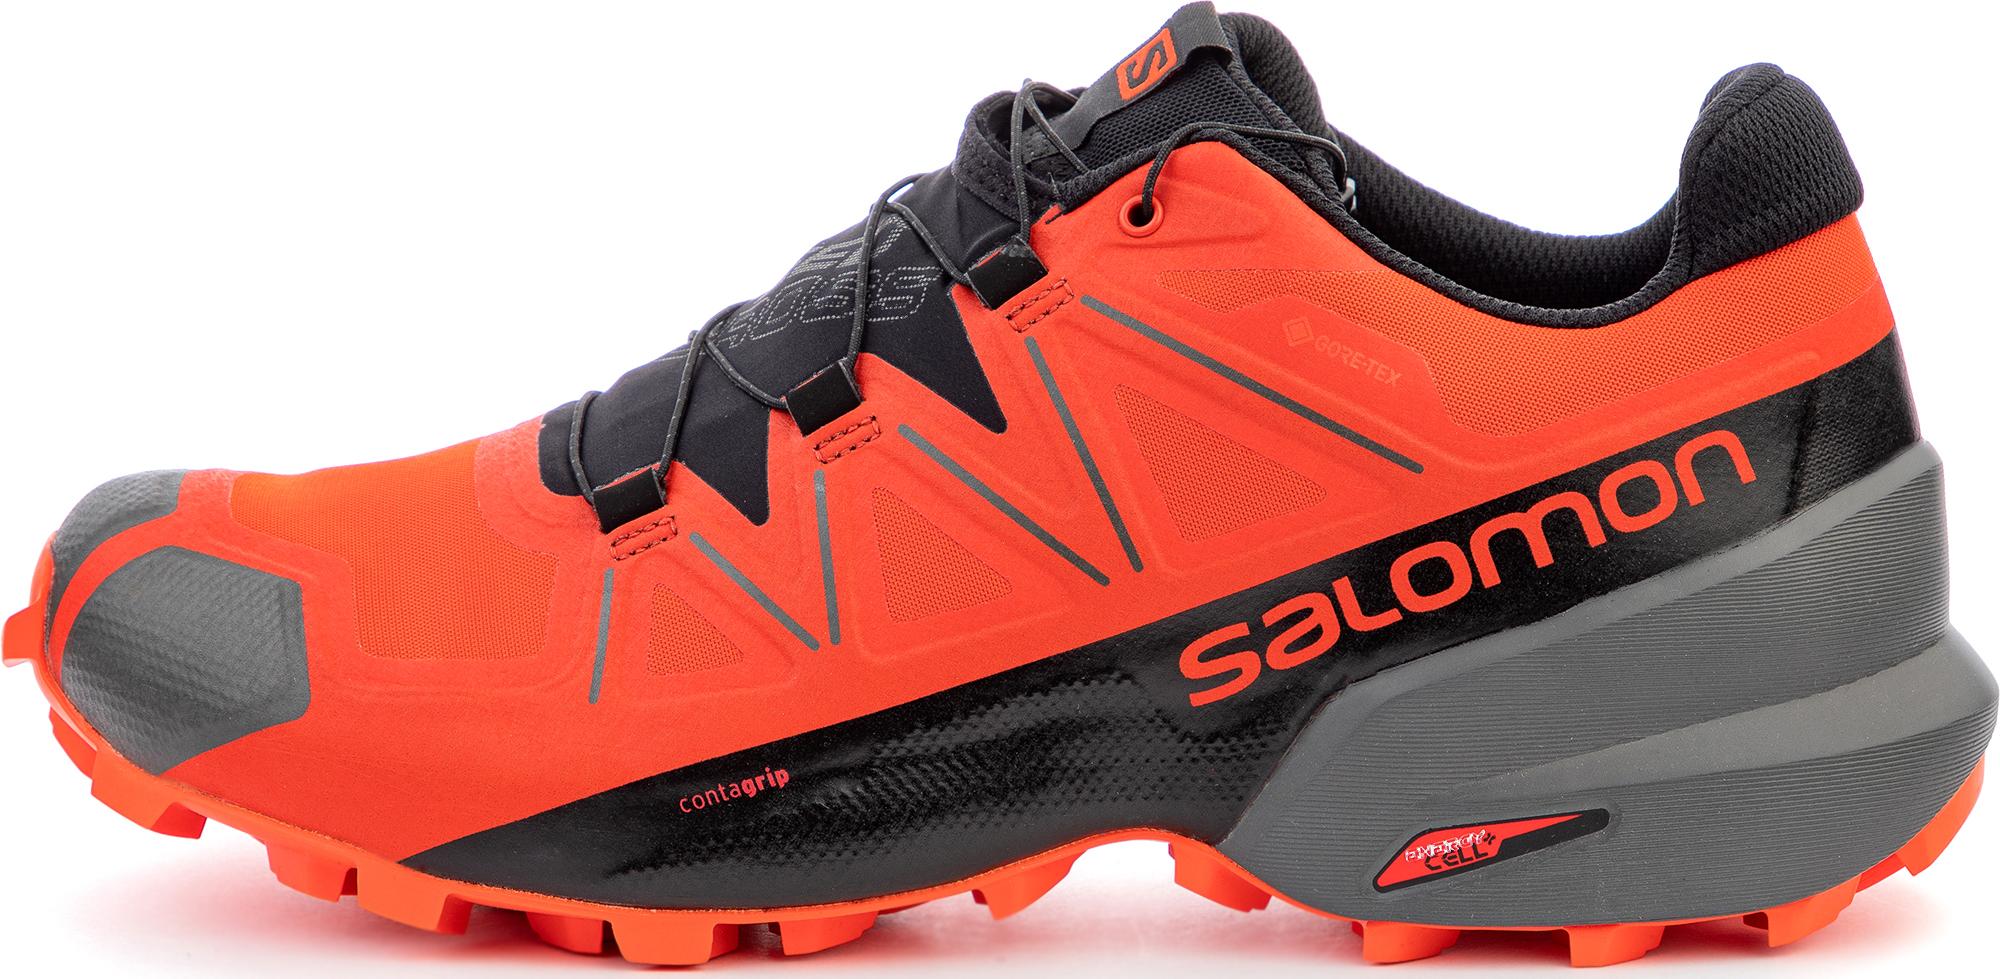 купить Salomon Кроссовки мужские Salomon Speedcross 5, размер 44 дешево